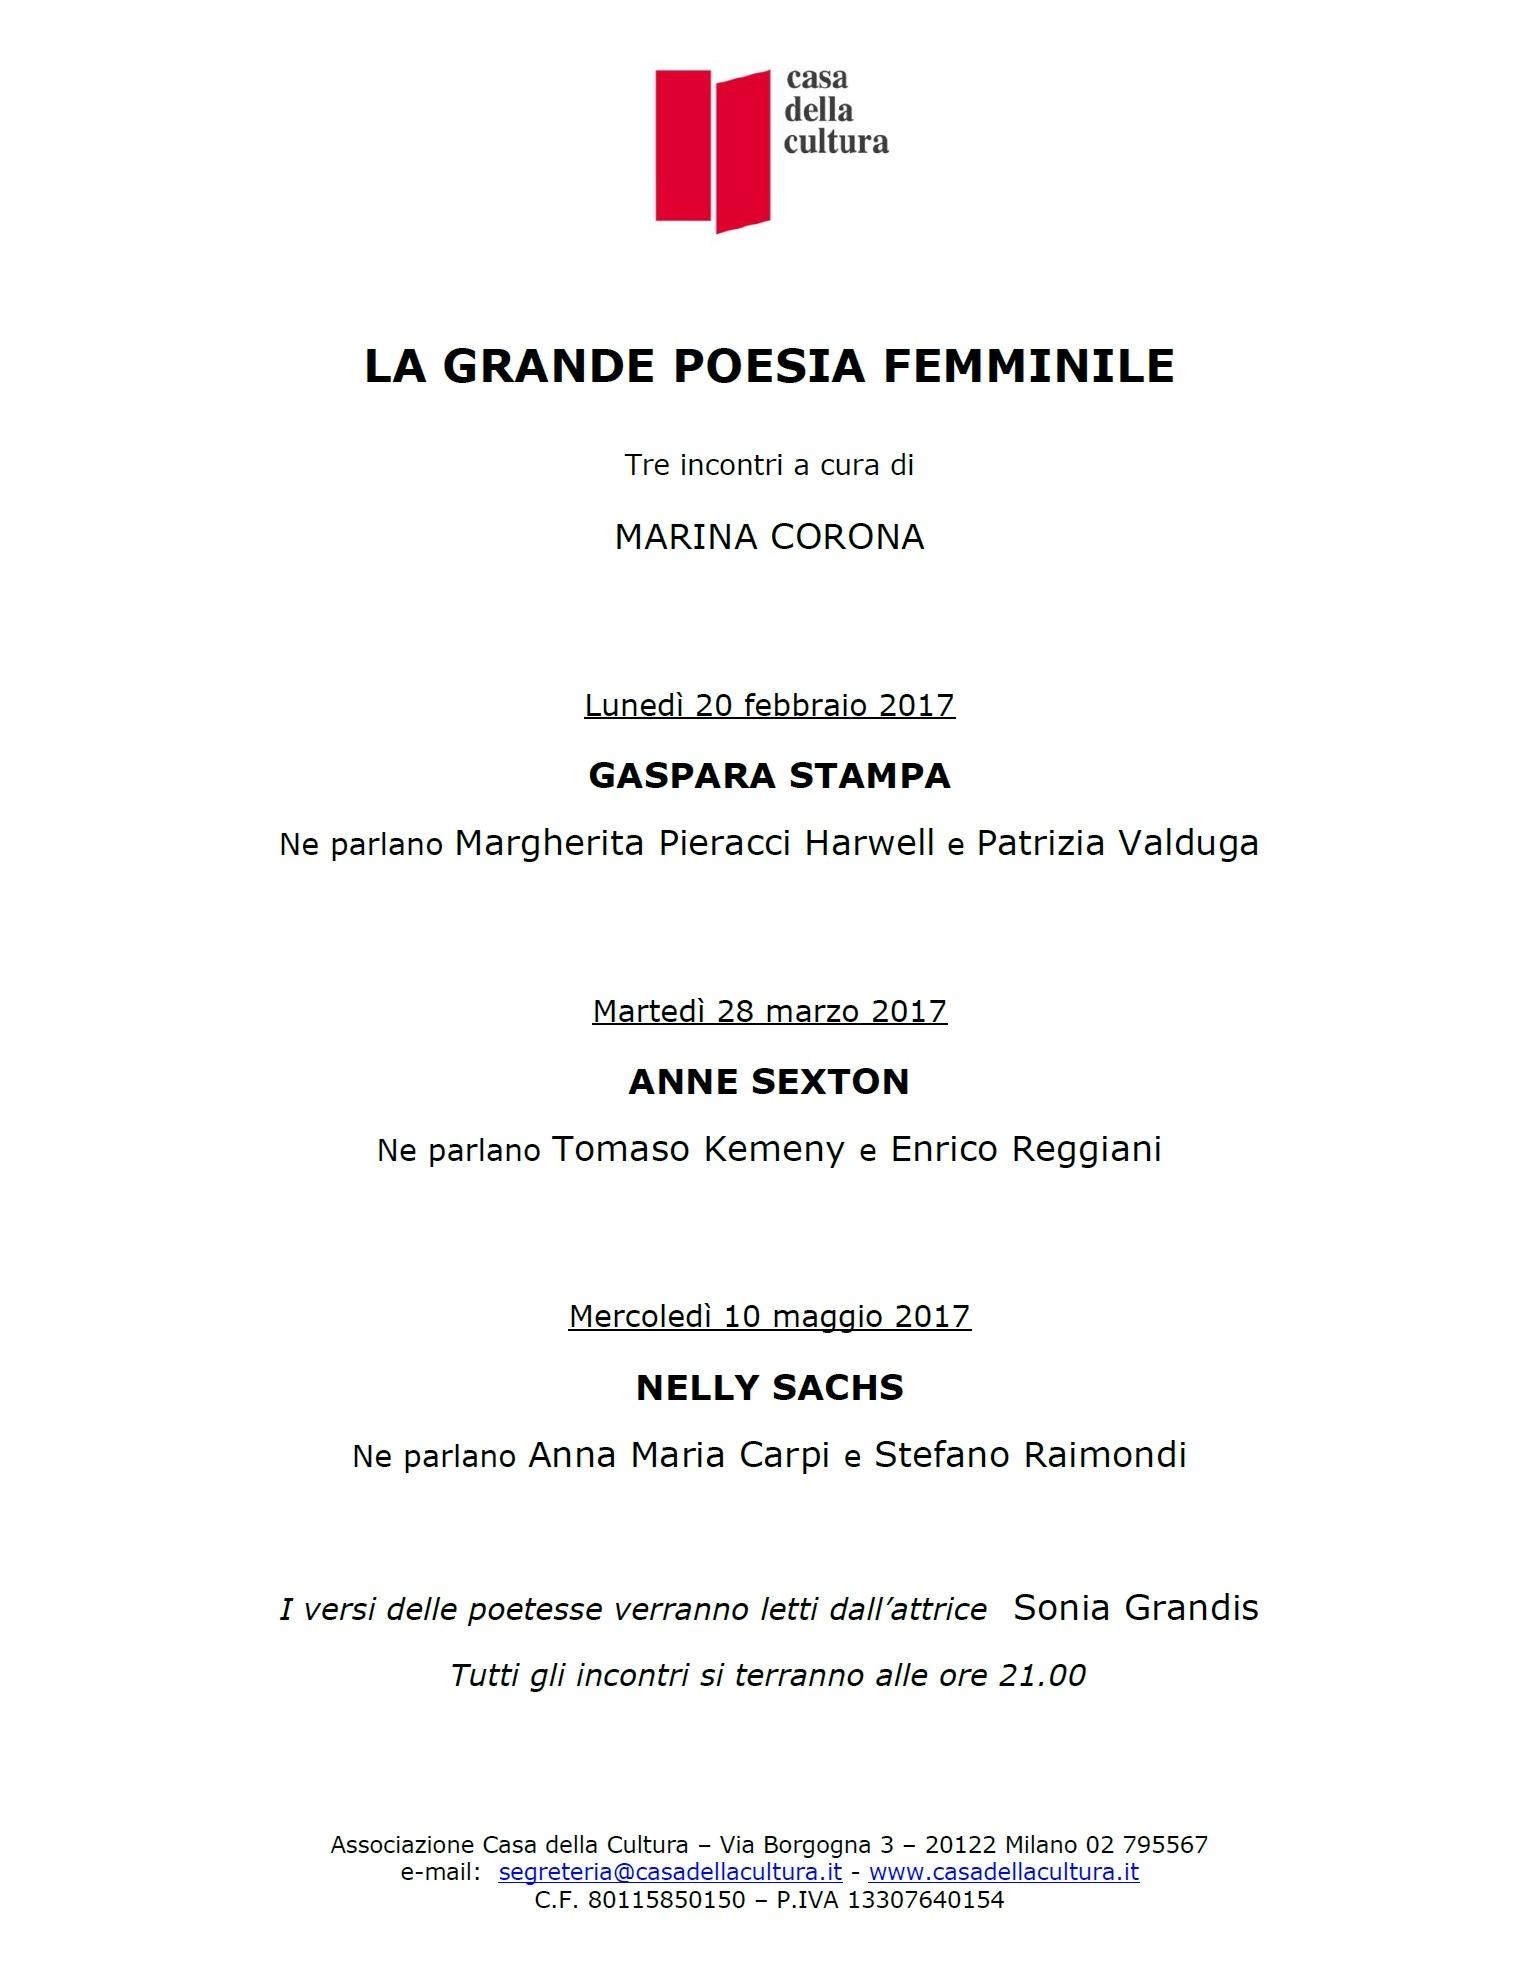 La grande poesia femminile a Milano